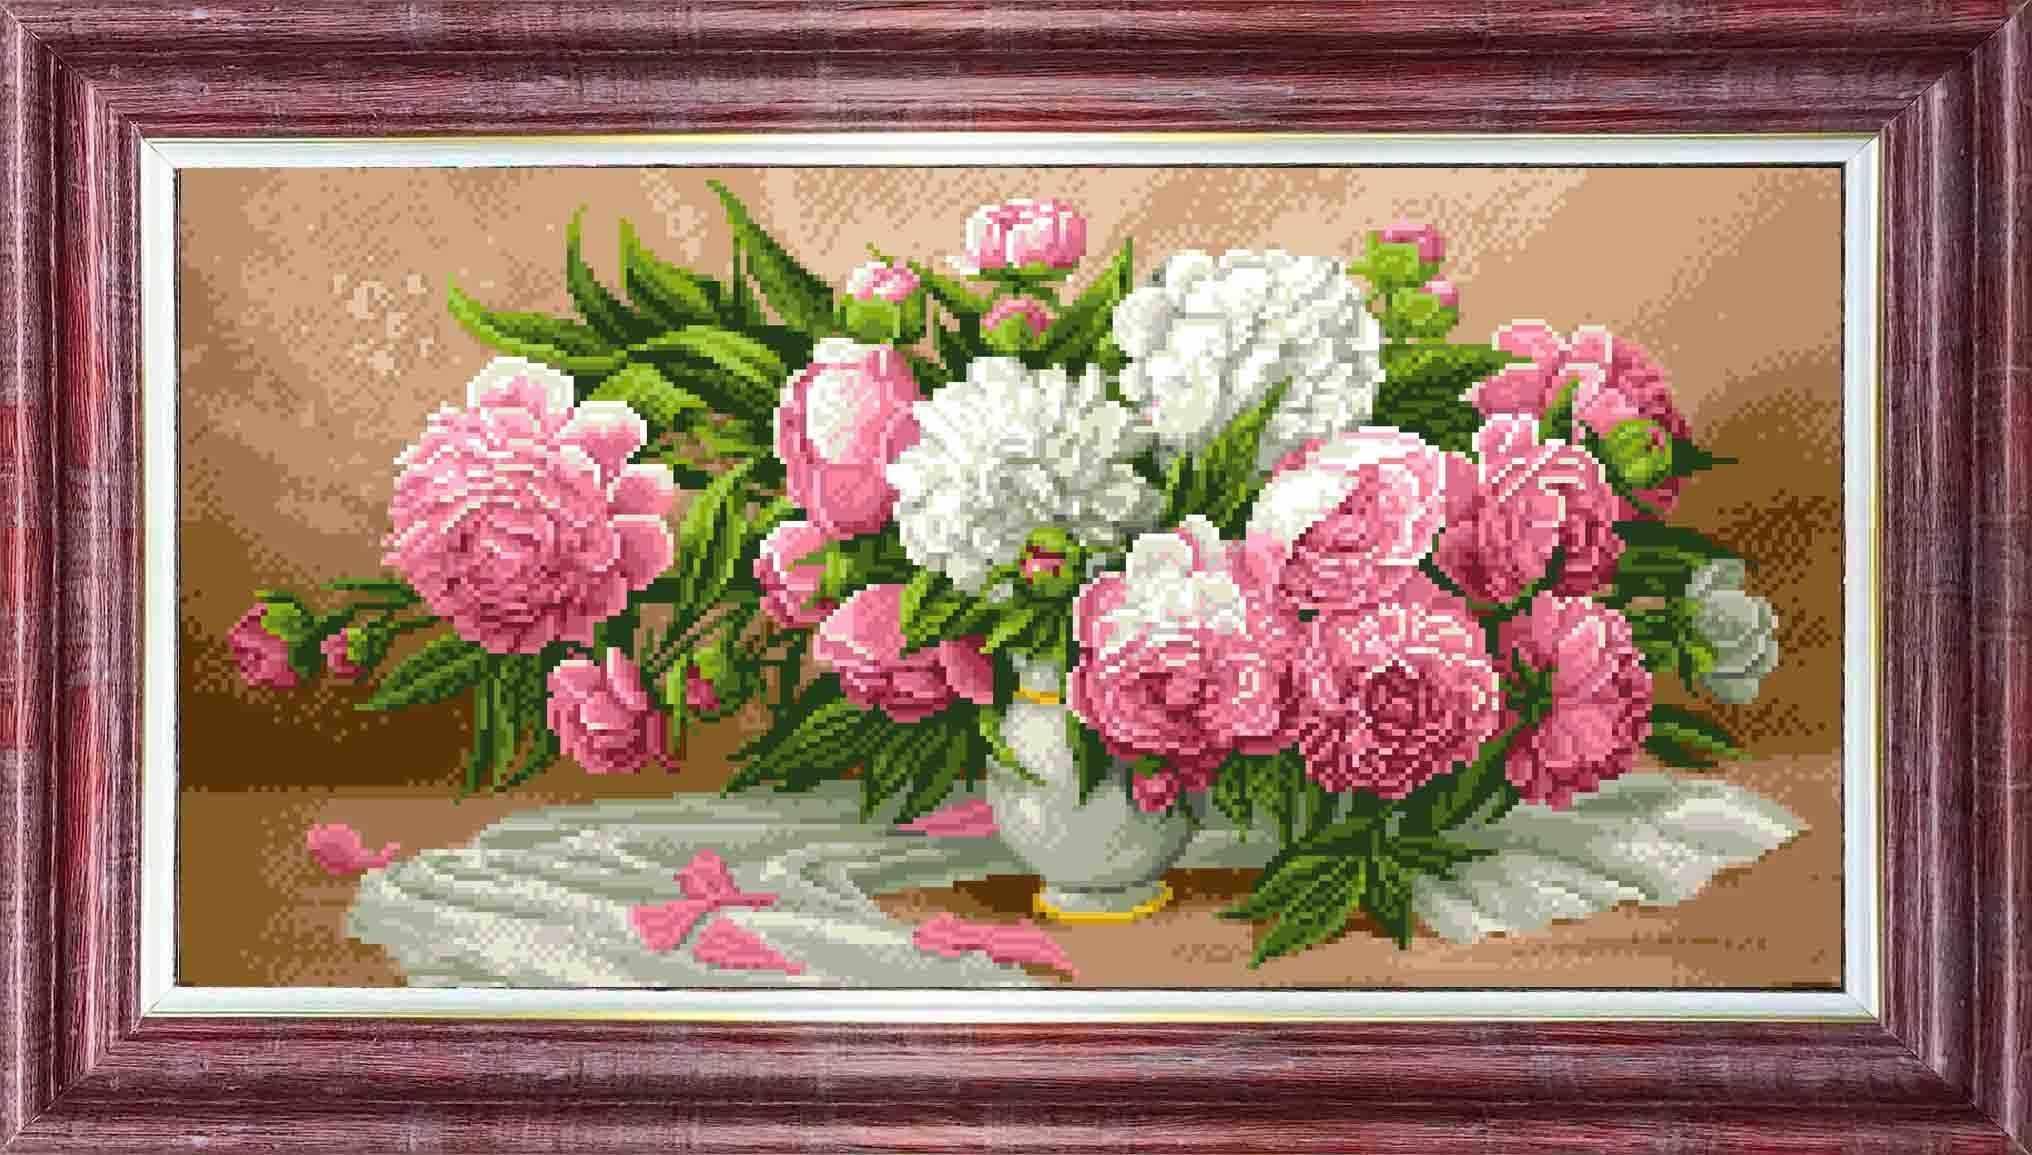 КТКН158 (р) Пионы в вазе - набор (Каролинка)